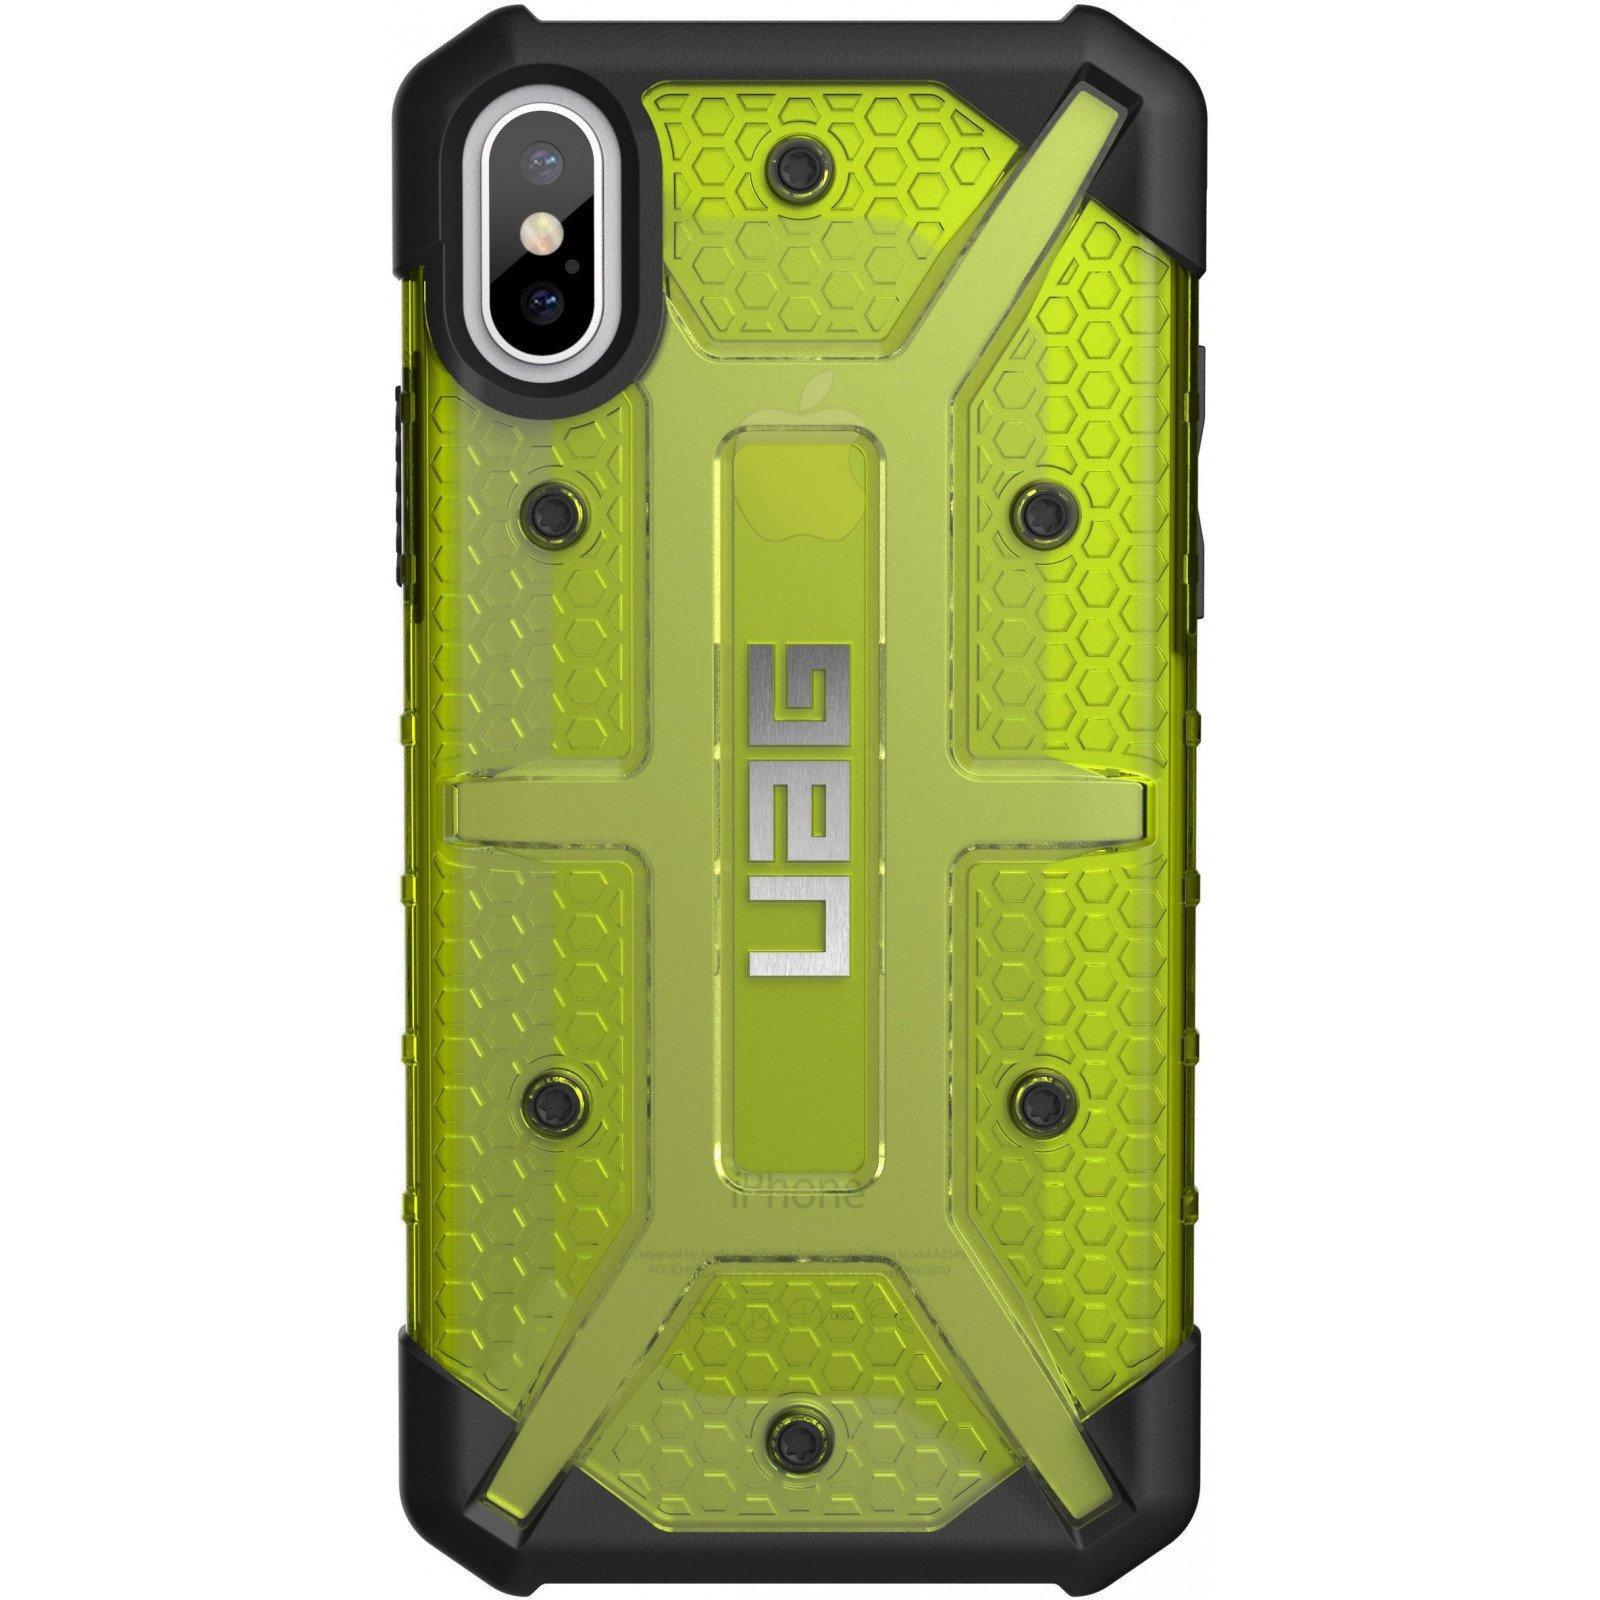 Чехол для моб. телефона Urban Armor Gear iPhone X Plasma Citron (IPHX-L-CT)